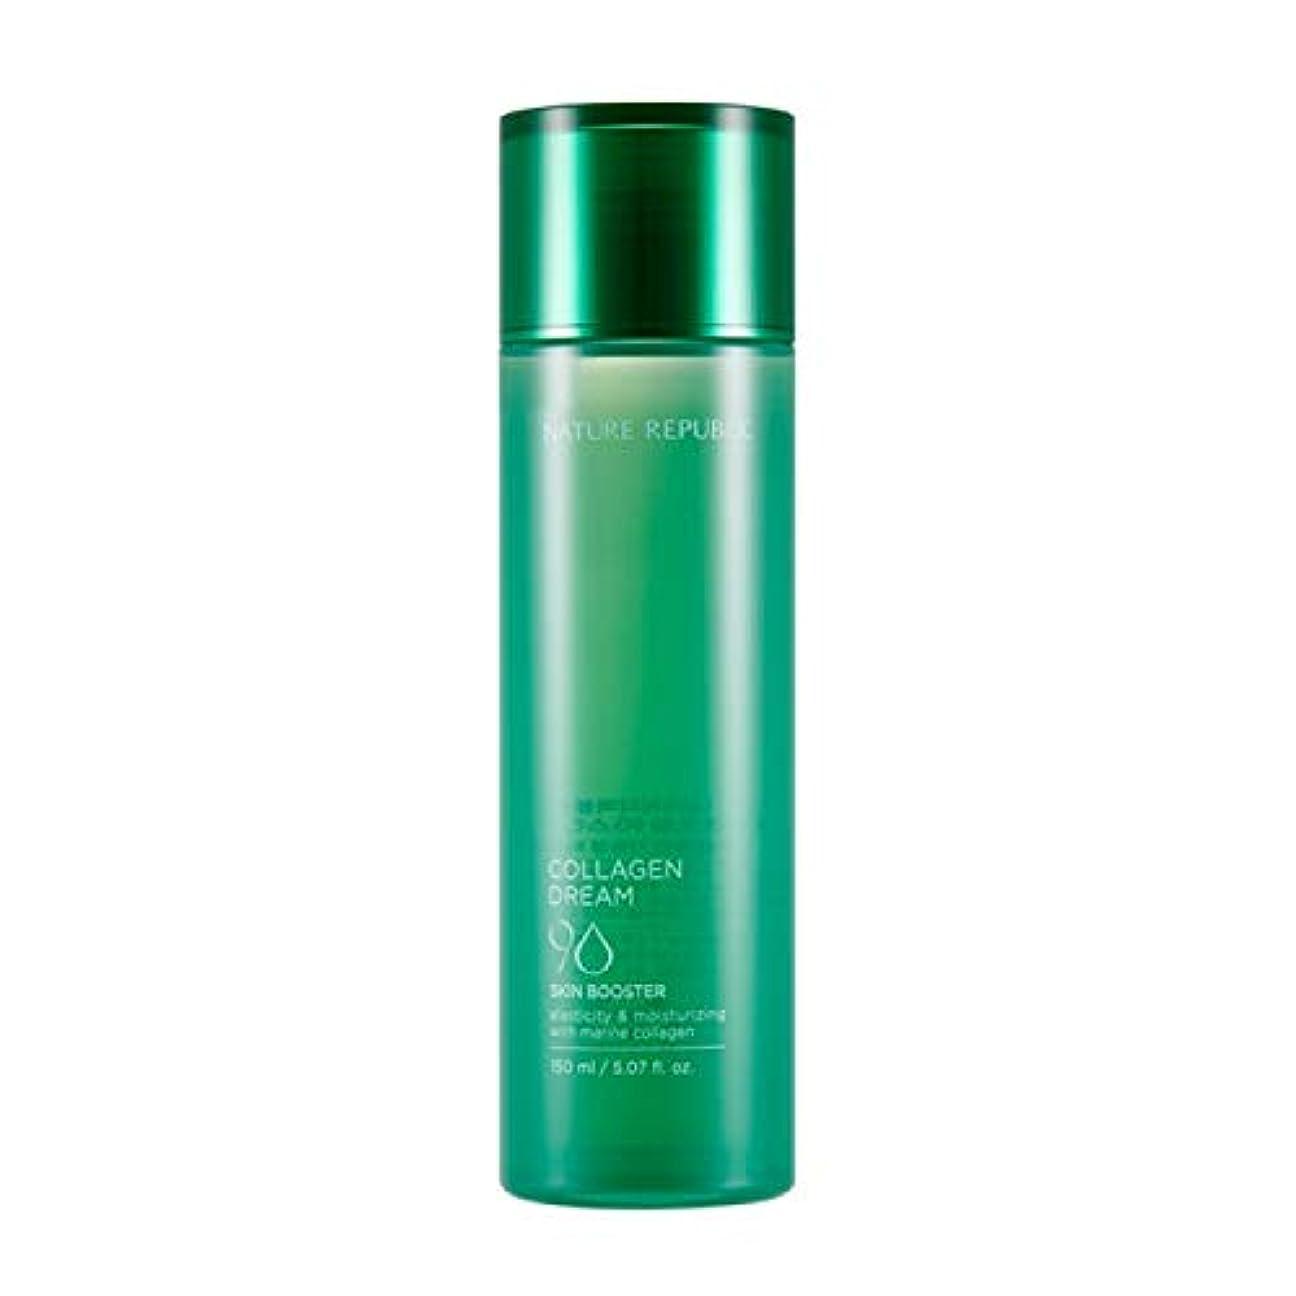 ネイチャーリパブリック(Nature Republic)コラーゲンドリーム90スキンブースター / Collagen Dream 90 Skin Booster 150ml :: 韓国コスメ [並行輸入品]